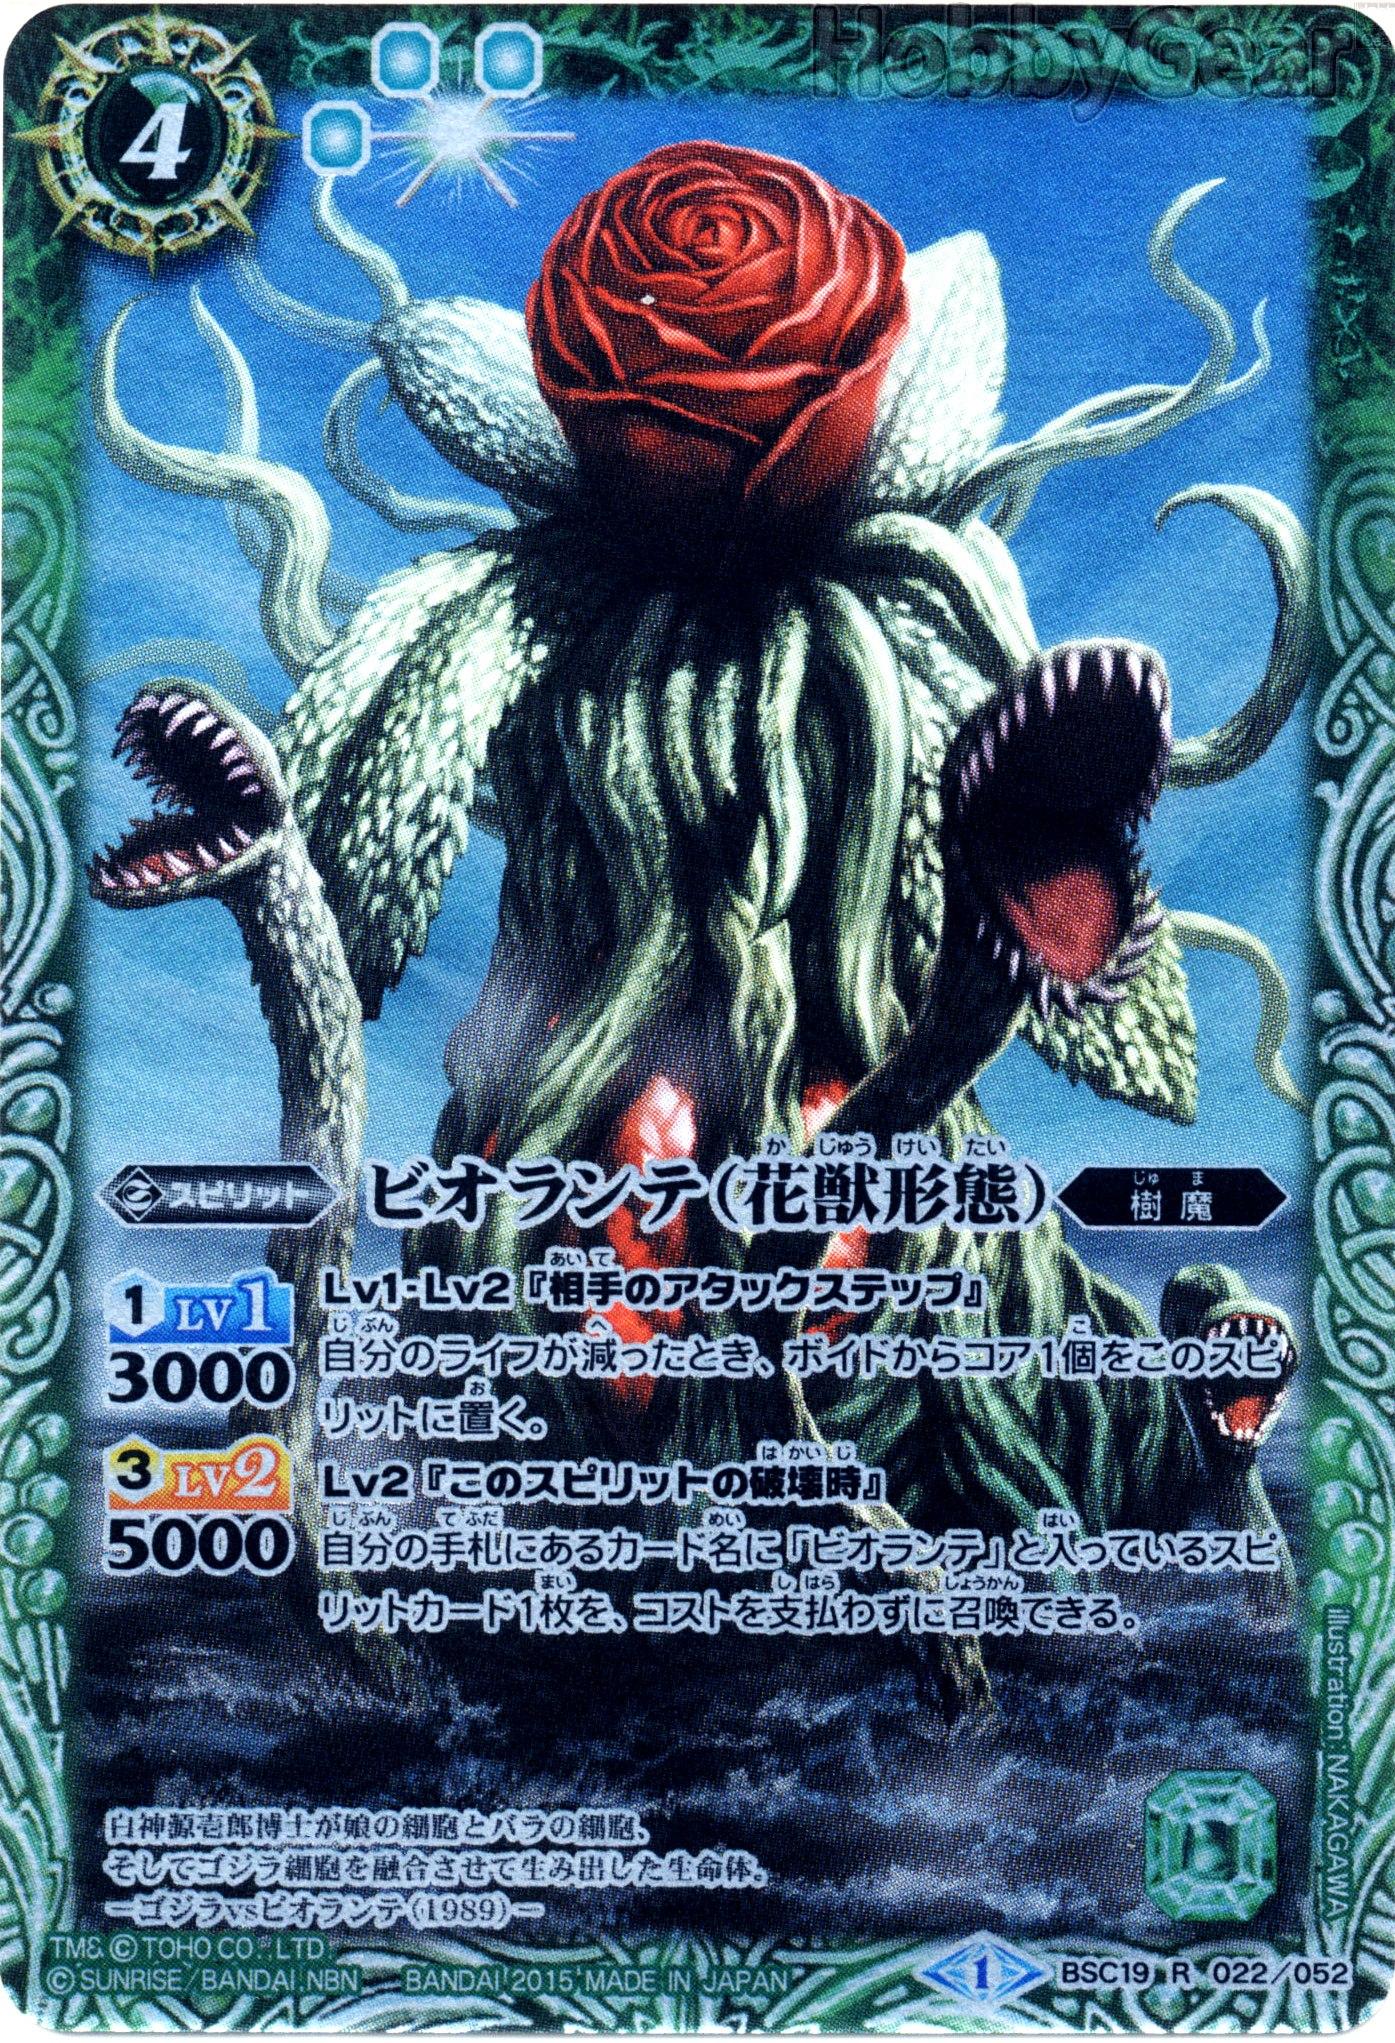 Biollante (Rose Form)